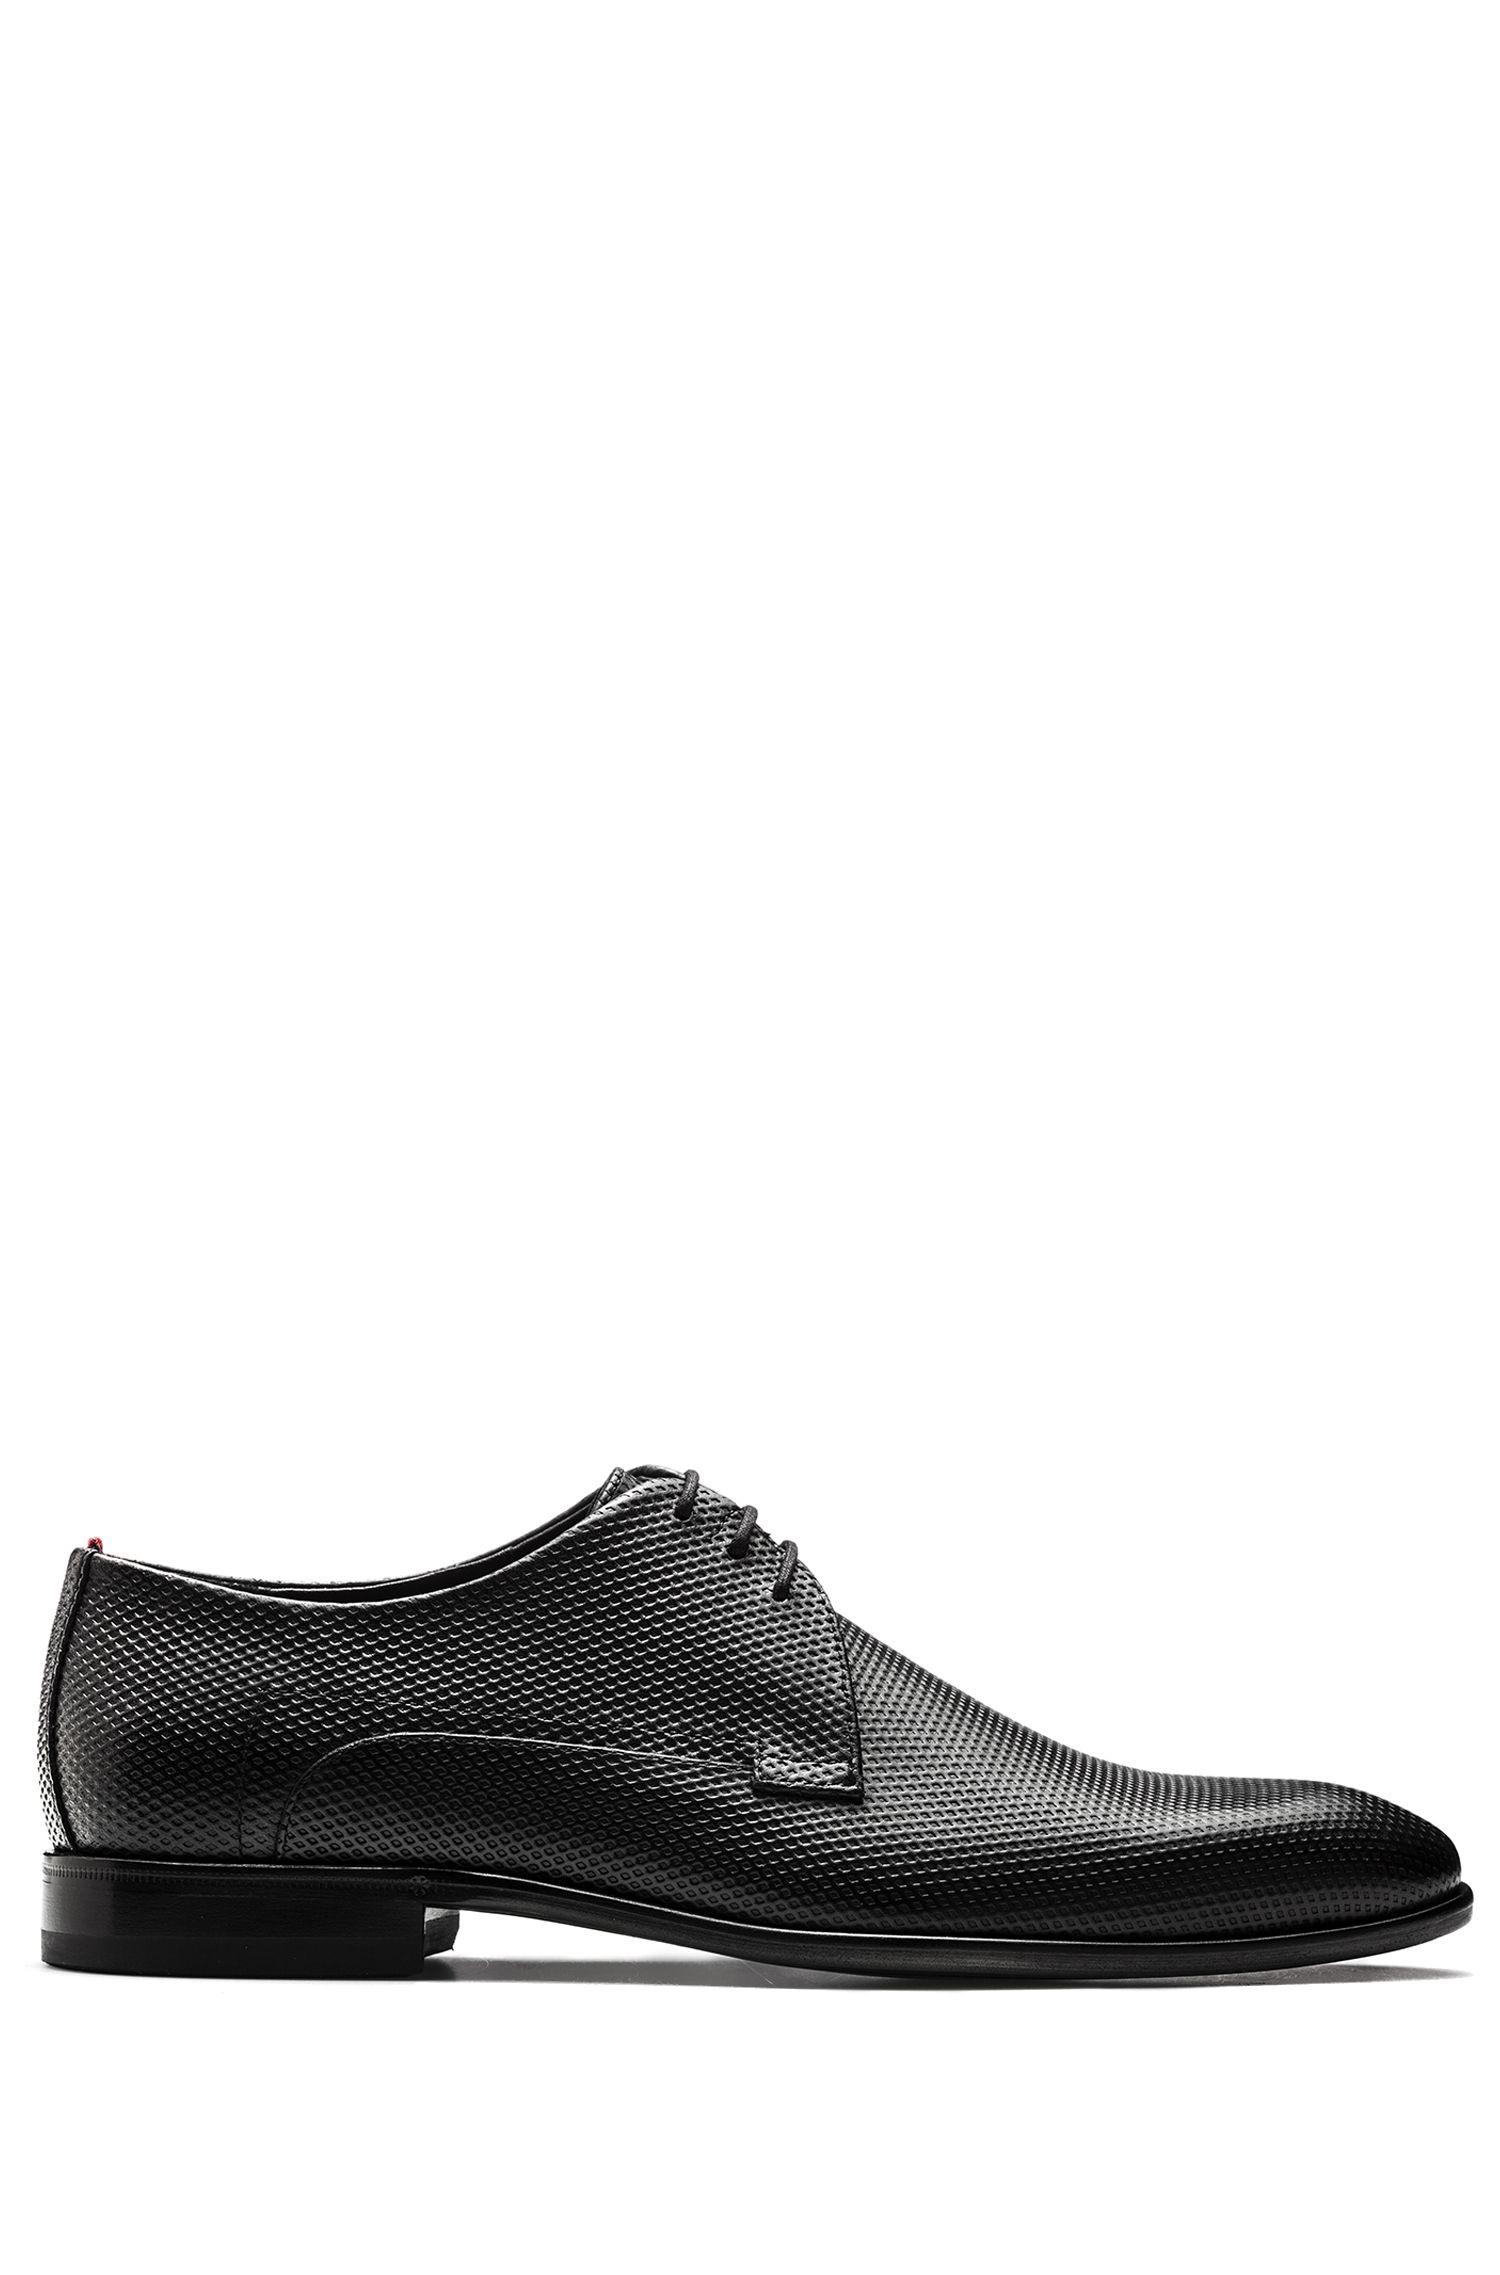 Chaussures derby lacées en cuir de veau imprimé